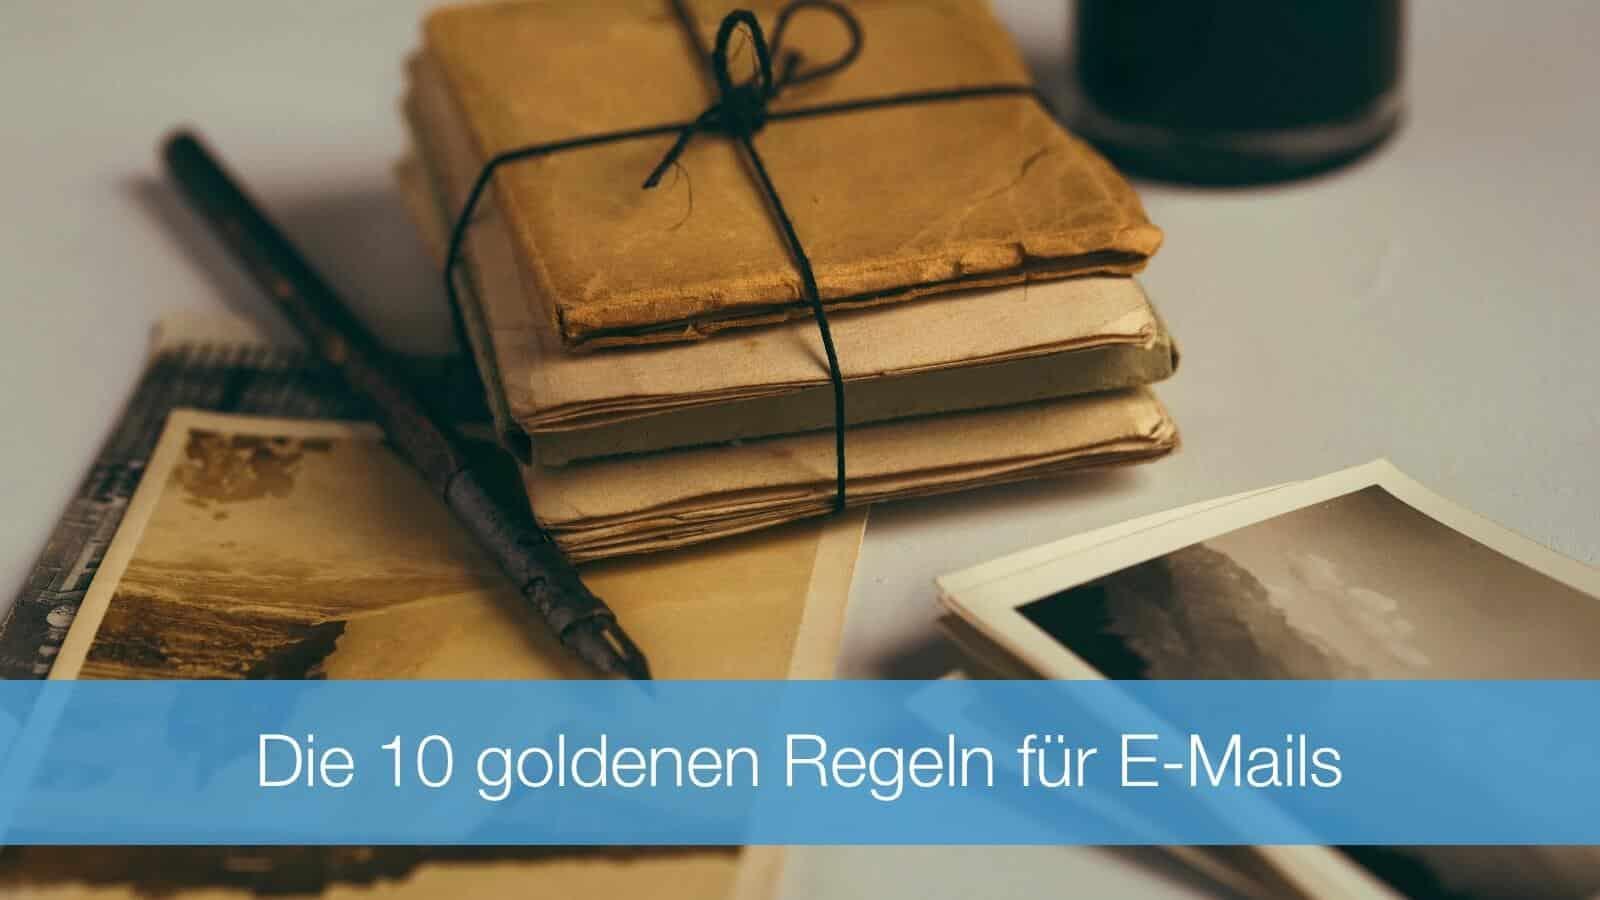 Regeln für E-Mails